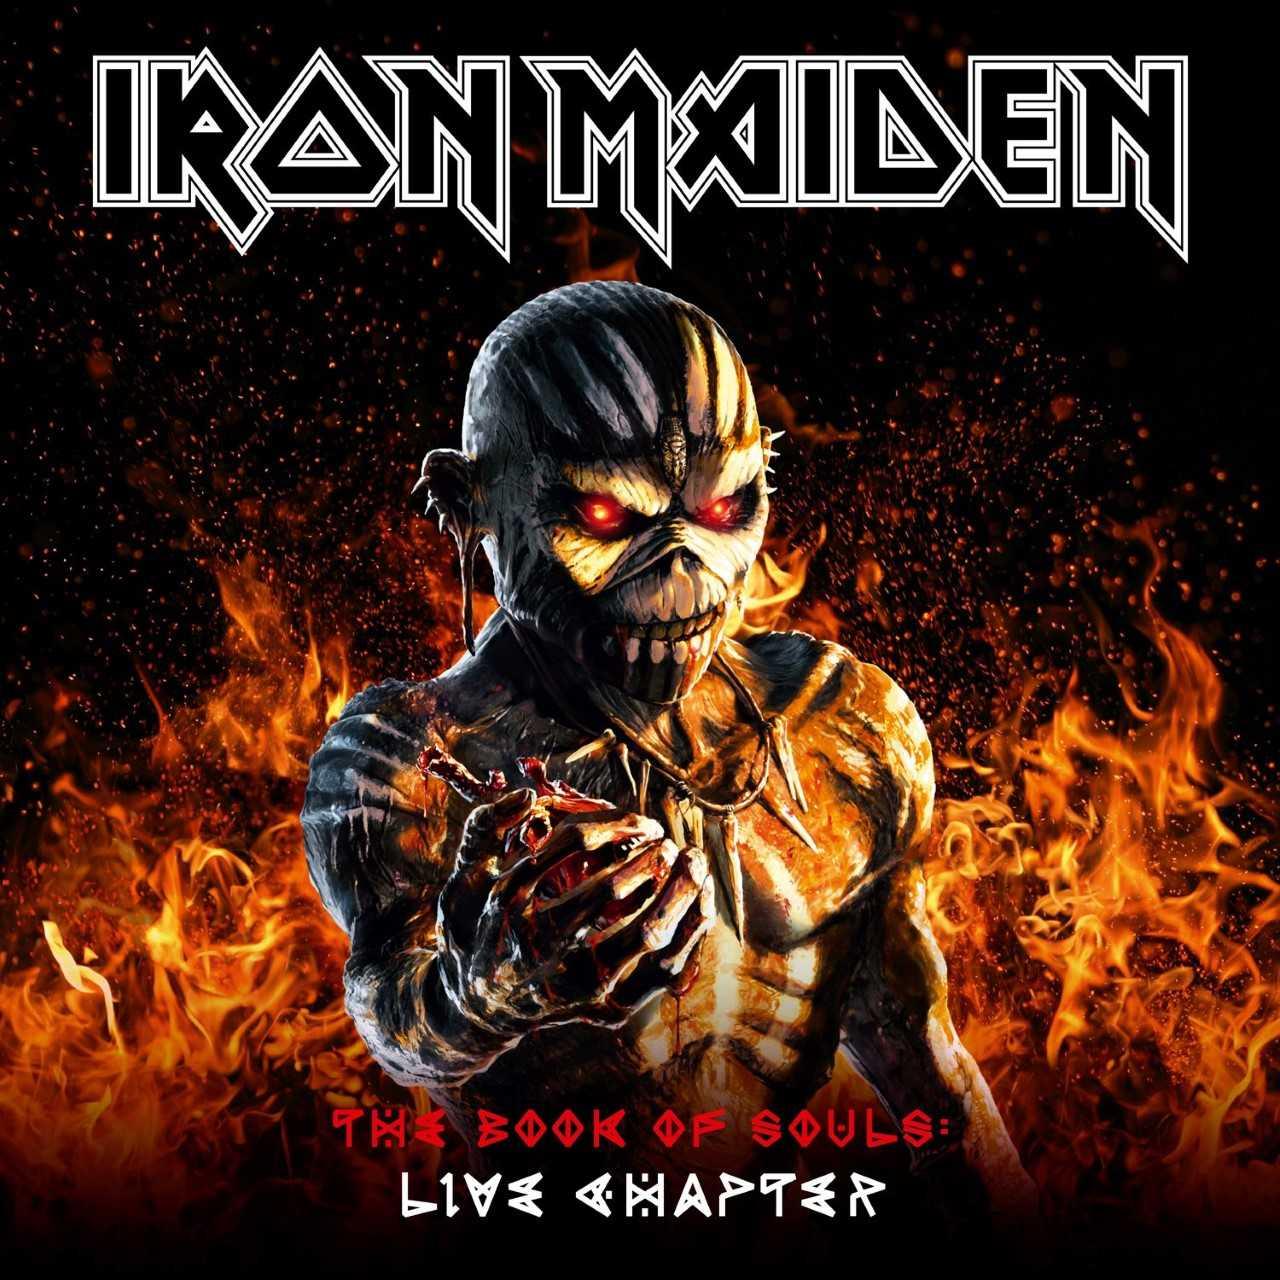 Iron Maiden - The book of souls: Live chapter Konzertfilm kostenlos im Stream